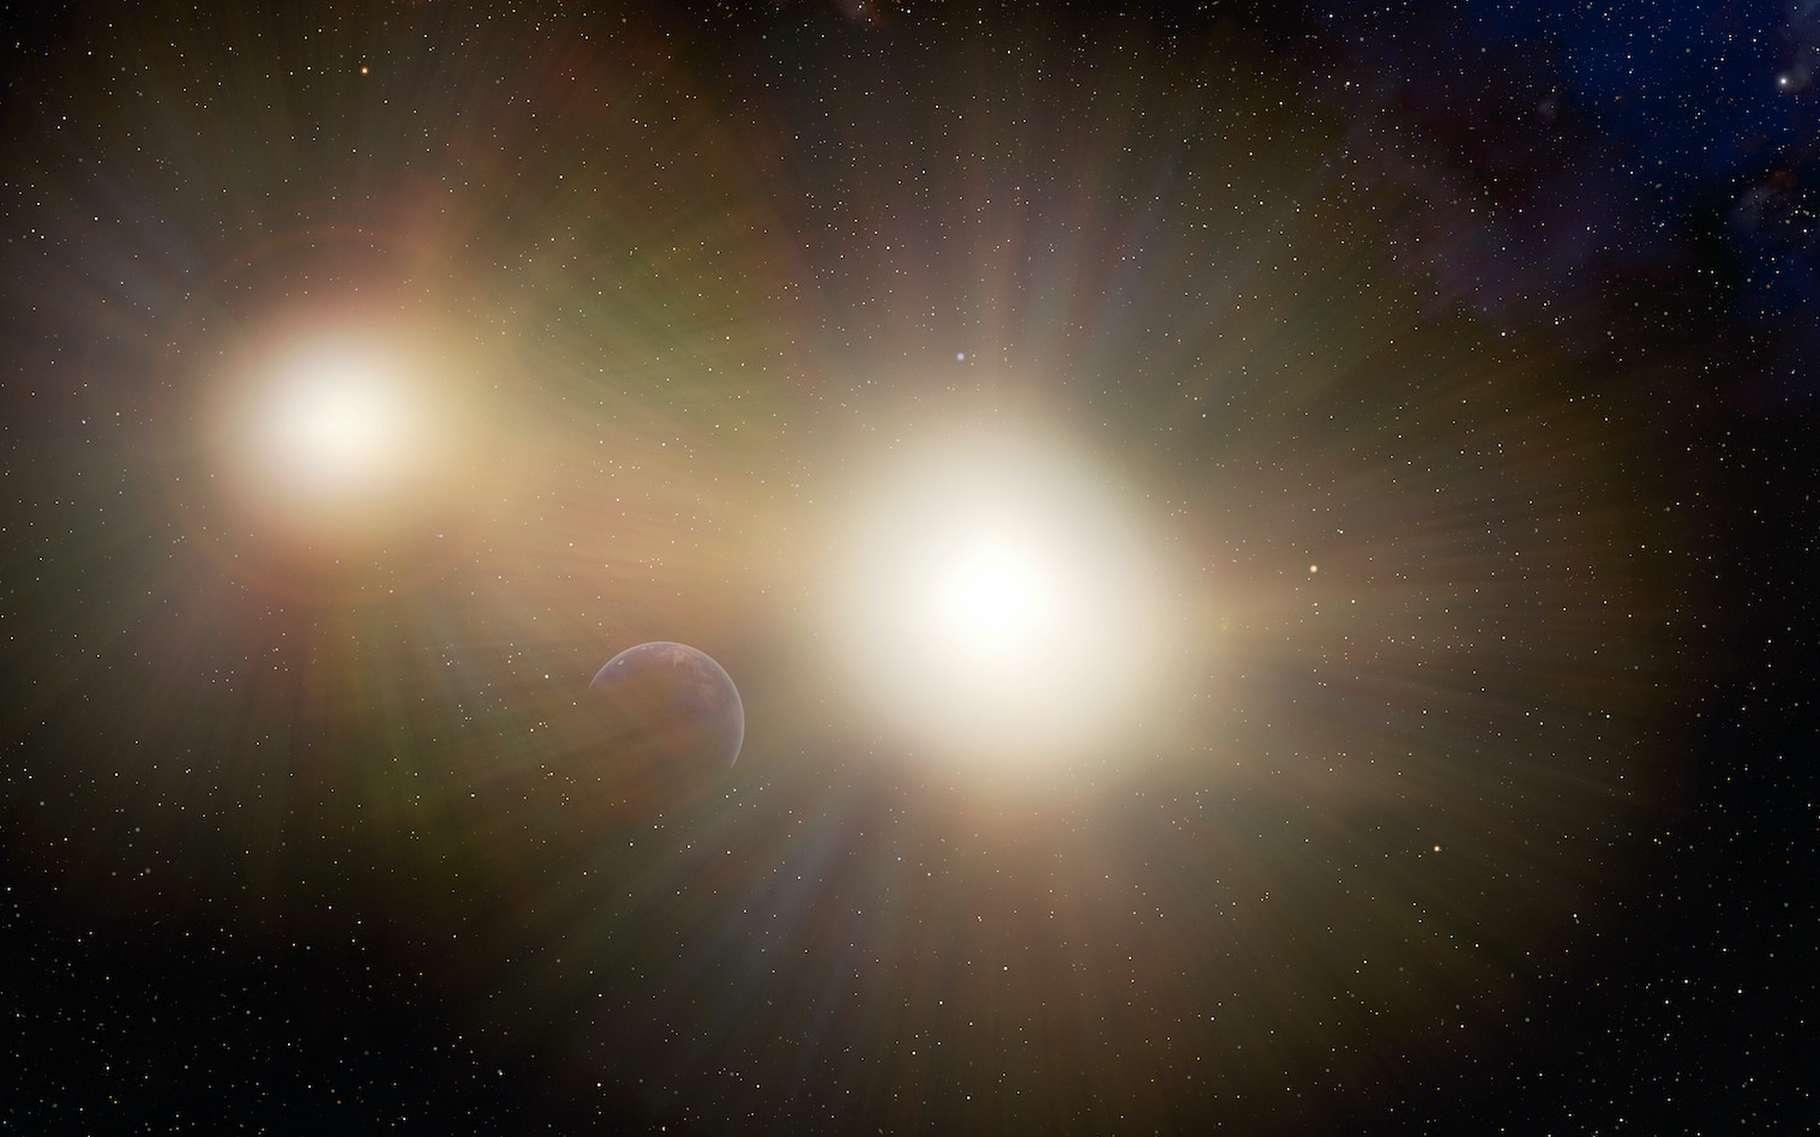 Des astronomes de la Nasa suggèrent que de nombreuses planètes semblables à notre Terre pourraient échapper à notre détection, car hébergées par un système d'étoiles doubles. La luminosité de la seconde étoile rendant plus difficile l'application de la méthode des transits. © International Gemini Observatory/NOIRLab/NSF/AURA/J. da Silva